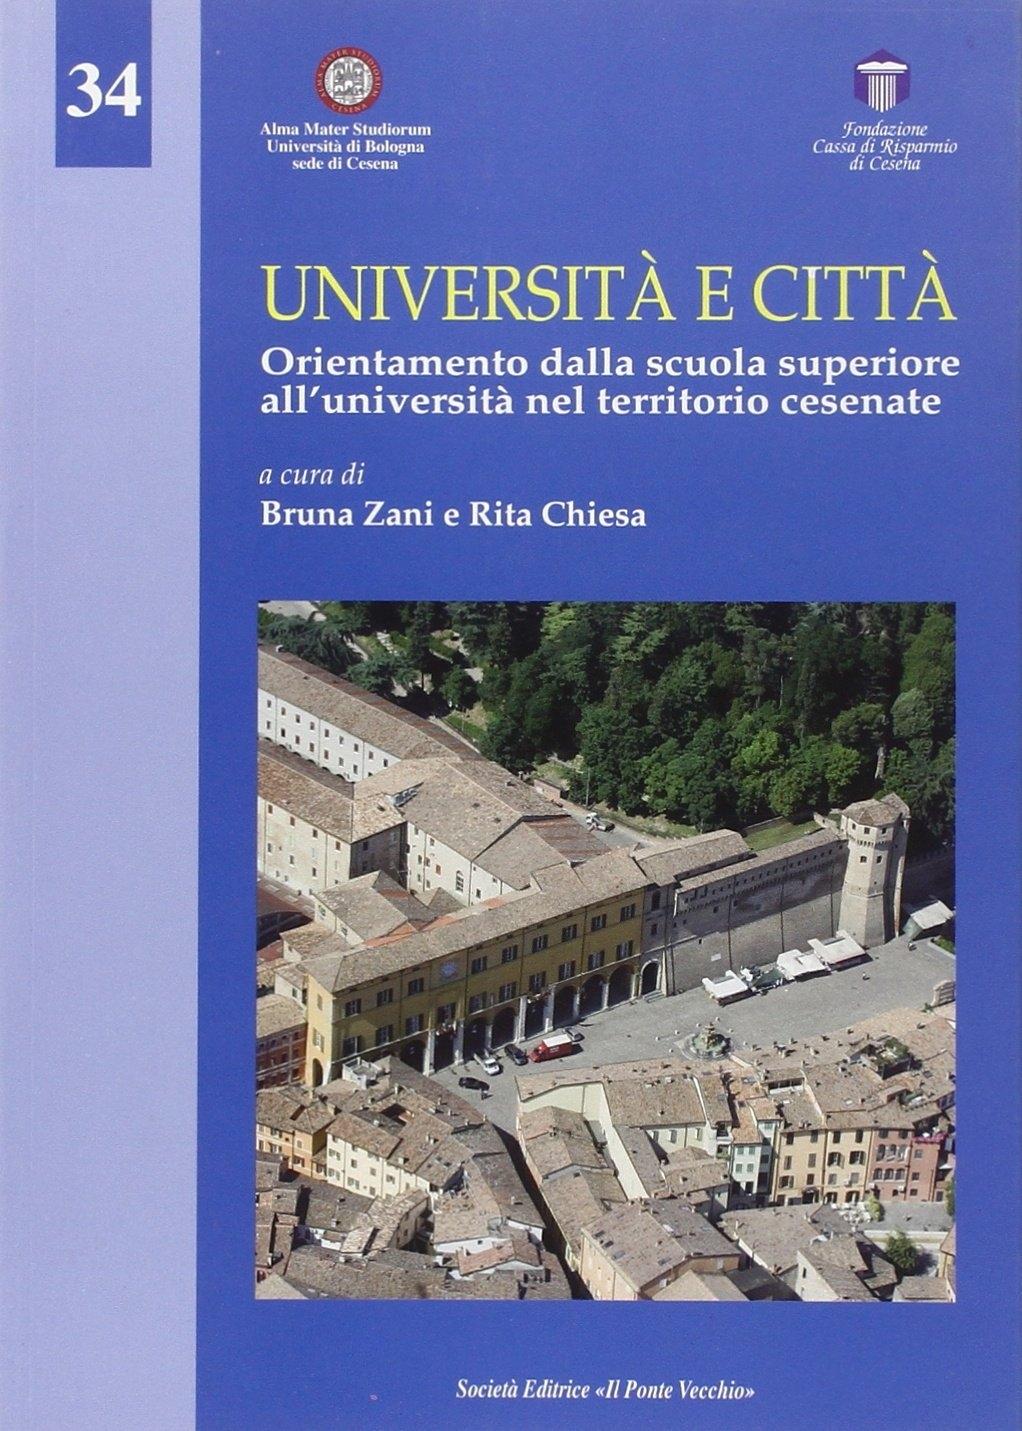 Università e città. Orientamento dalla scuola superiore all'università nel territorio cesenate